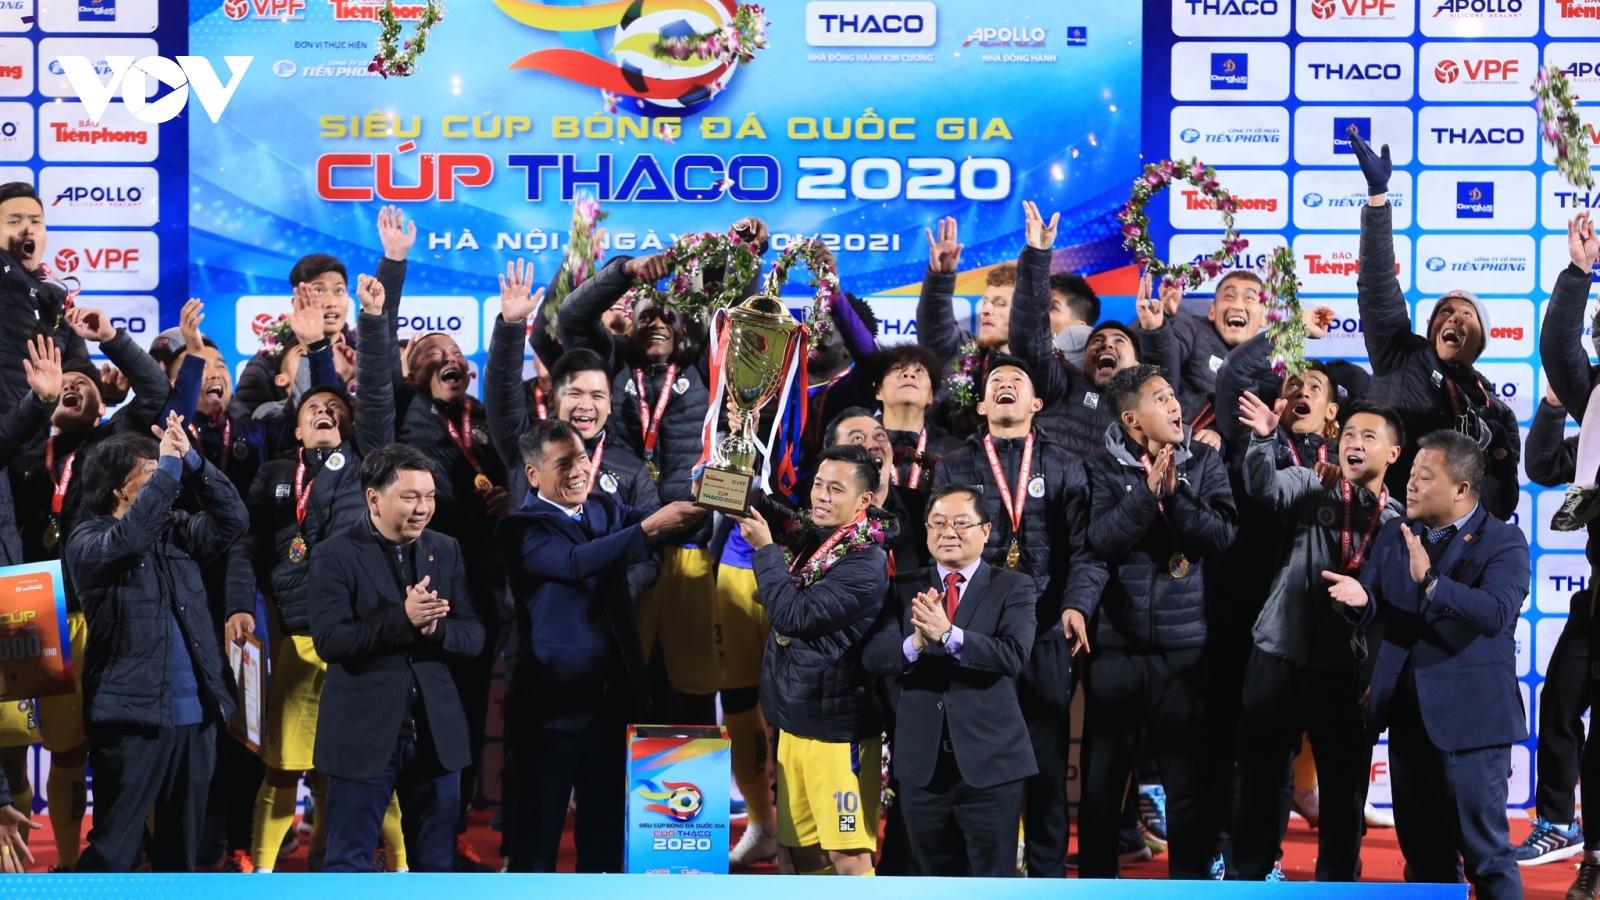 Toàn cảnh: Tuyển thủ U22 Việt Nam lập công giúp Hà Nội FC thiết lập kỷ lục ở Siêu Cúp QG